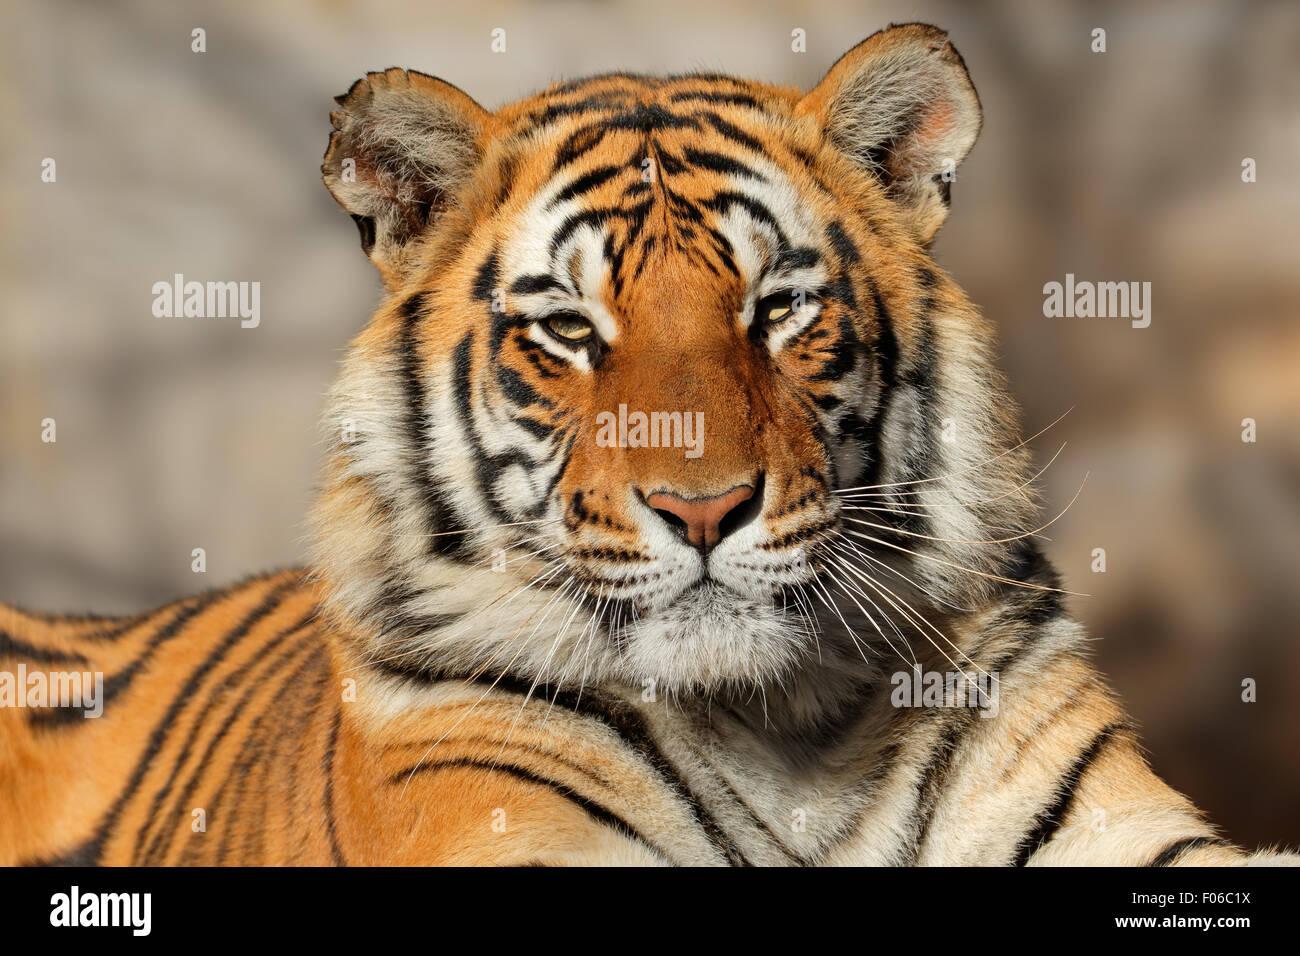 Porträt von einem bengalischen Tiger (Panthera Tigris Bengalensis) Stockbild